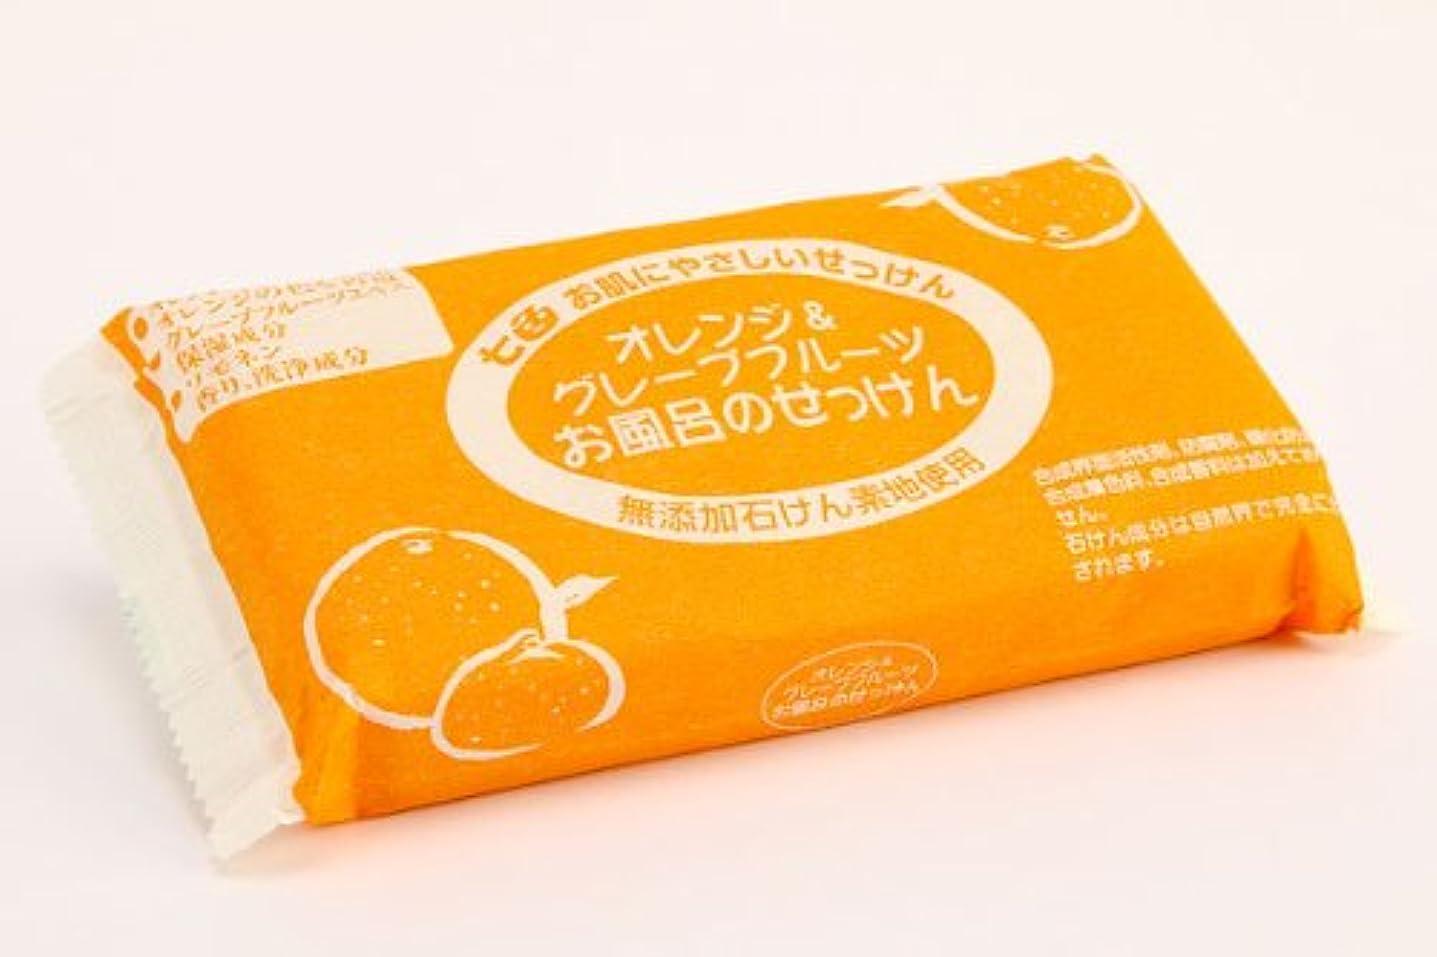 海里足音好きであるまるは油脂化学 七色石けん オレンジ&グレープフルーツお風呂の石けん3P 100g×3個パック